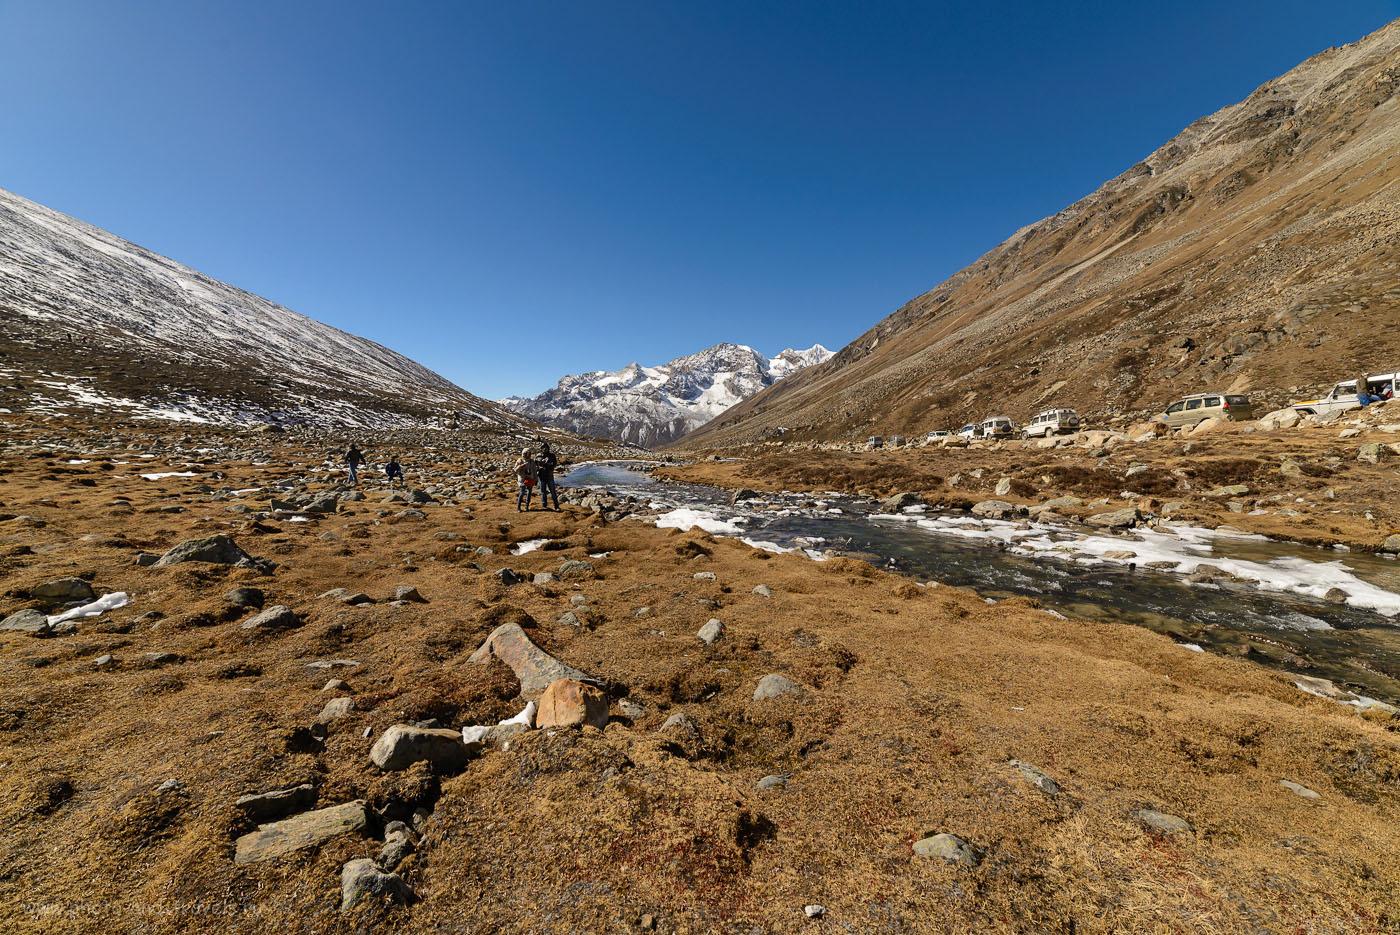 Фото 4. Туристы вZeroPoint в штате Сикким на границе Китая и Индии. Отзывы о самостоятельных экскурсиях из Гангтока. 1/1000, -1.0, 8.0, 250, 14.